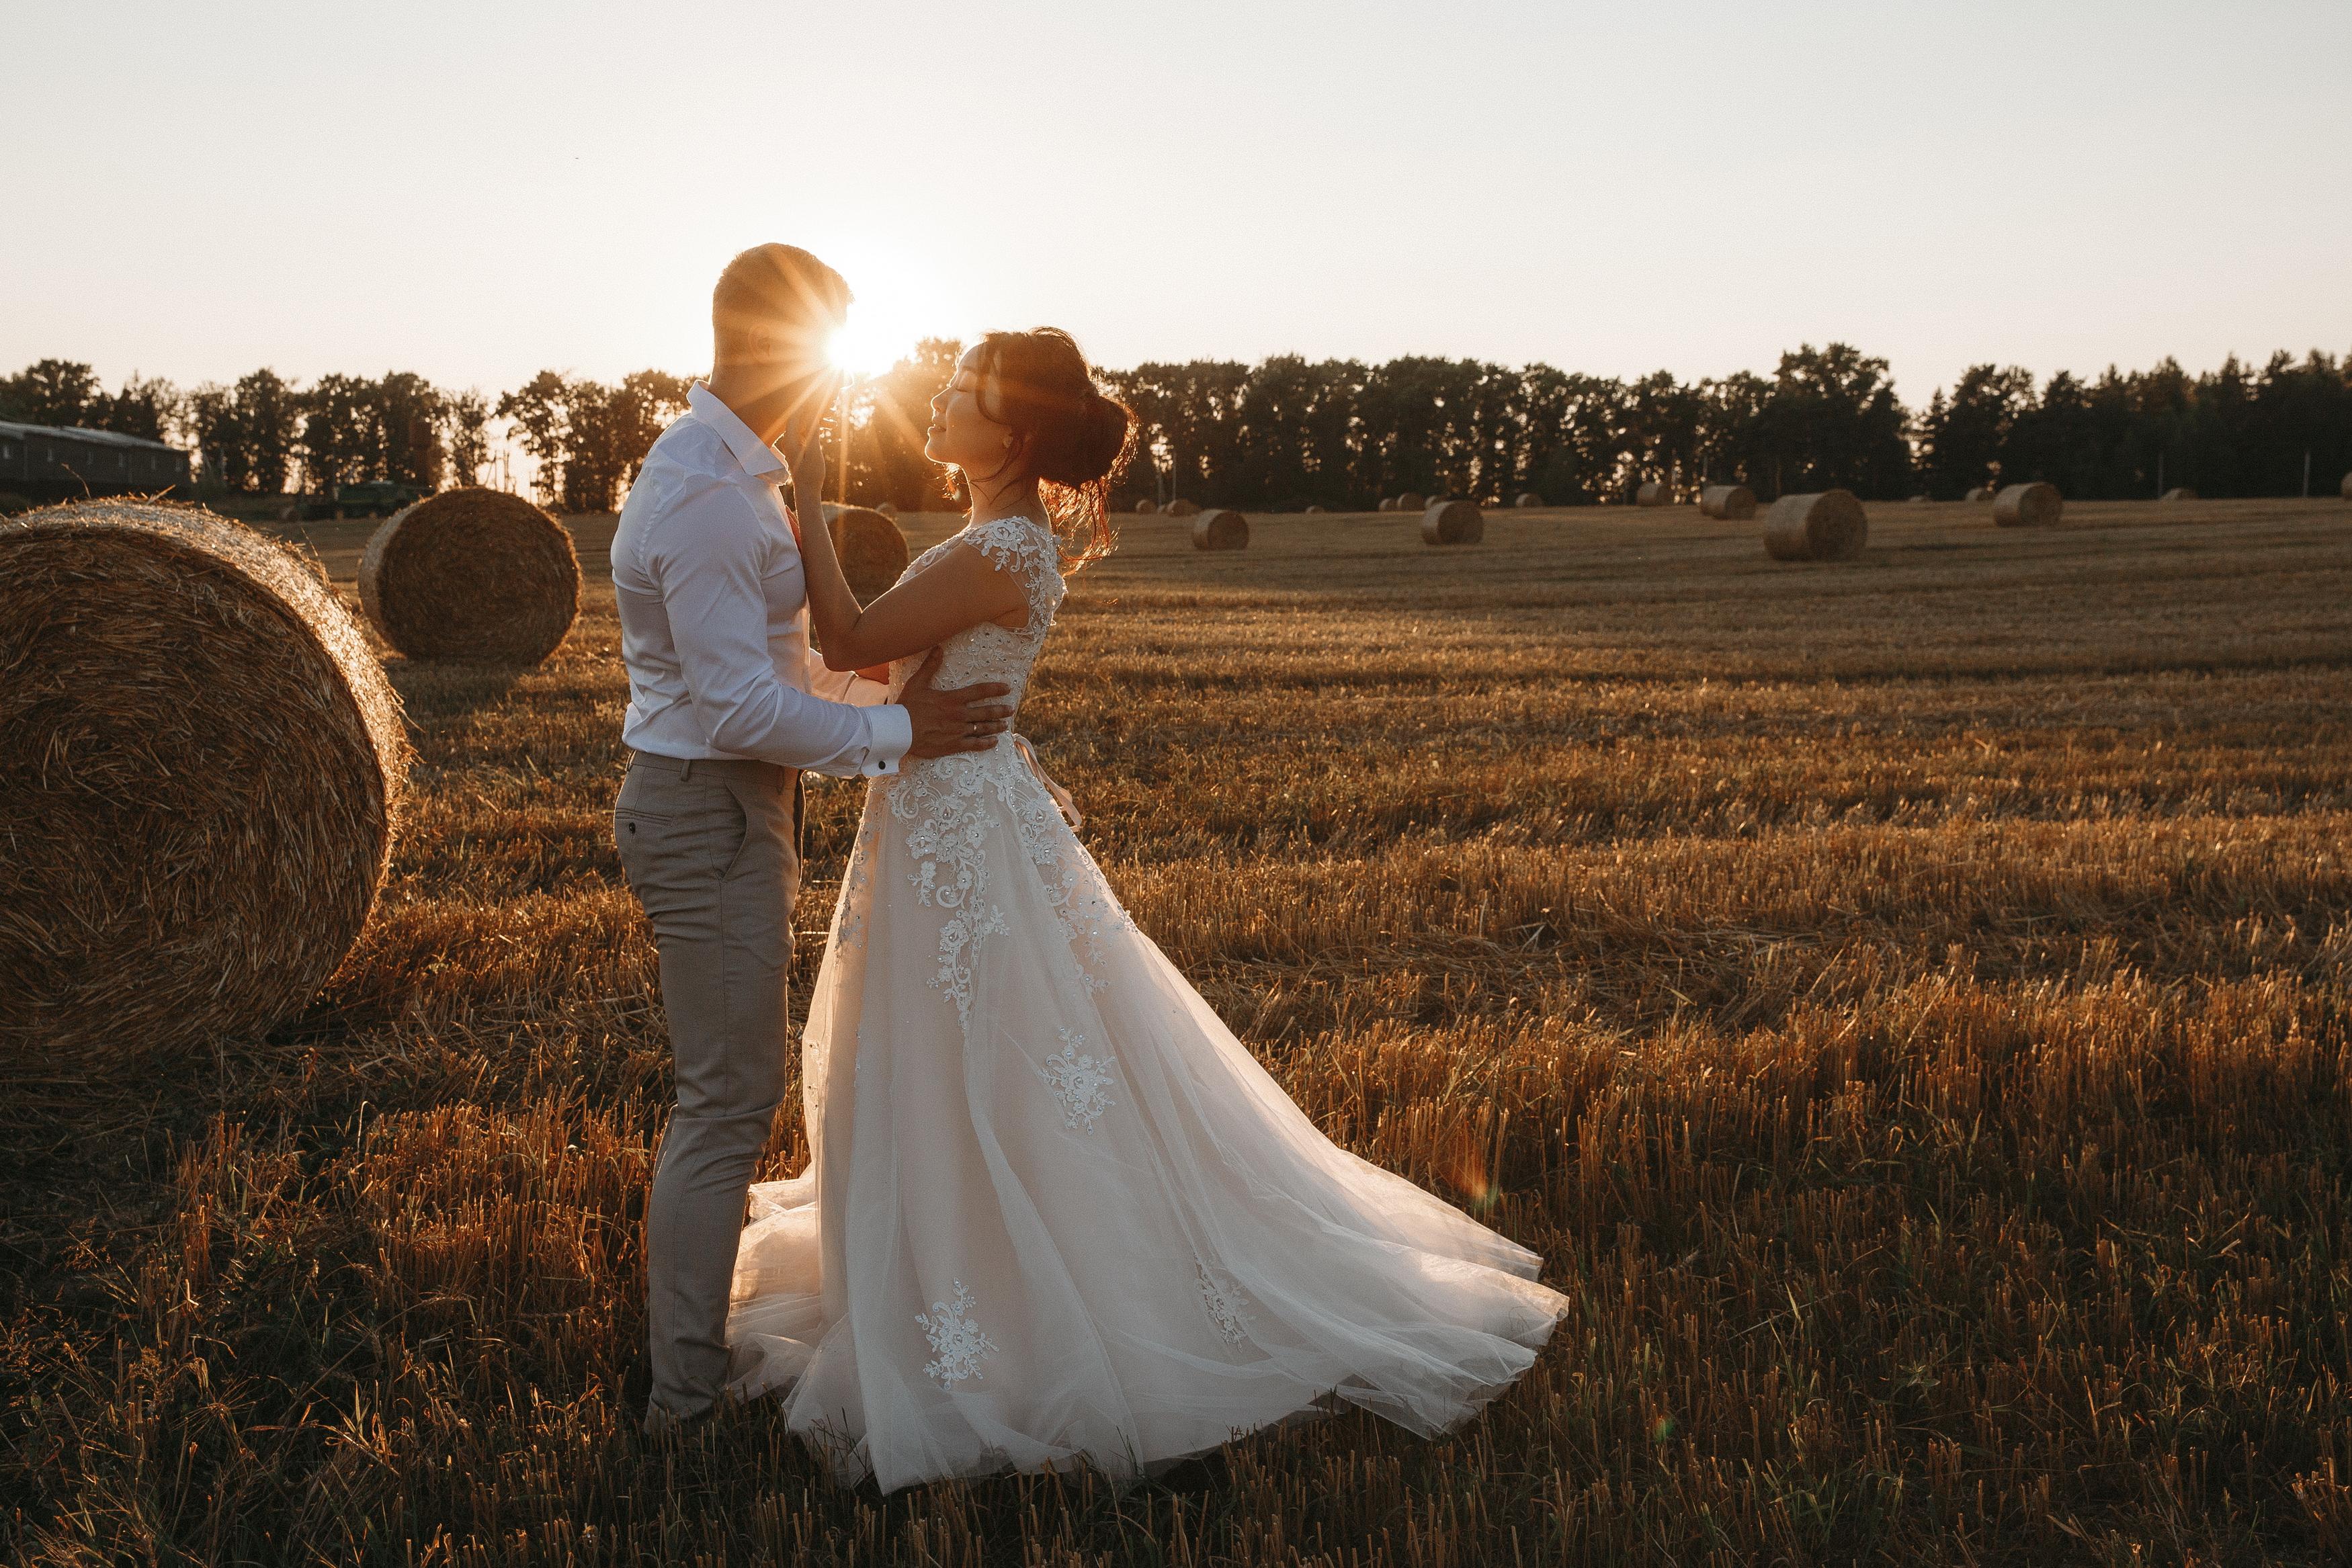 электрики домашние свадебная фотосессия стог сена слов для гифки